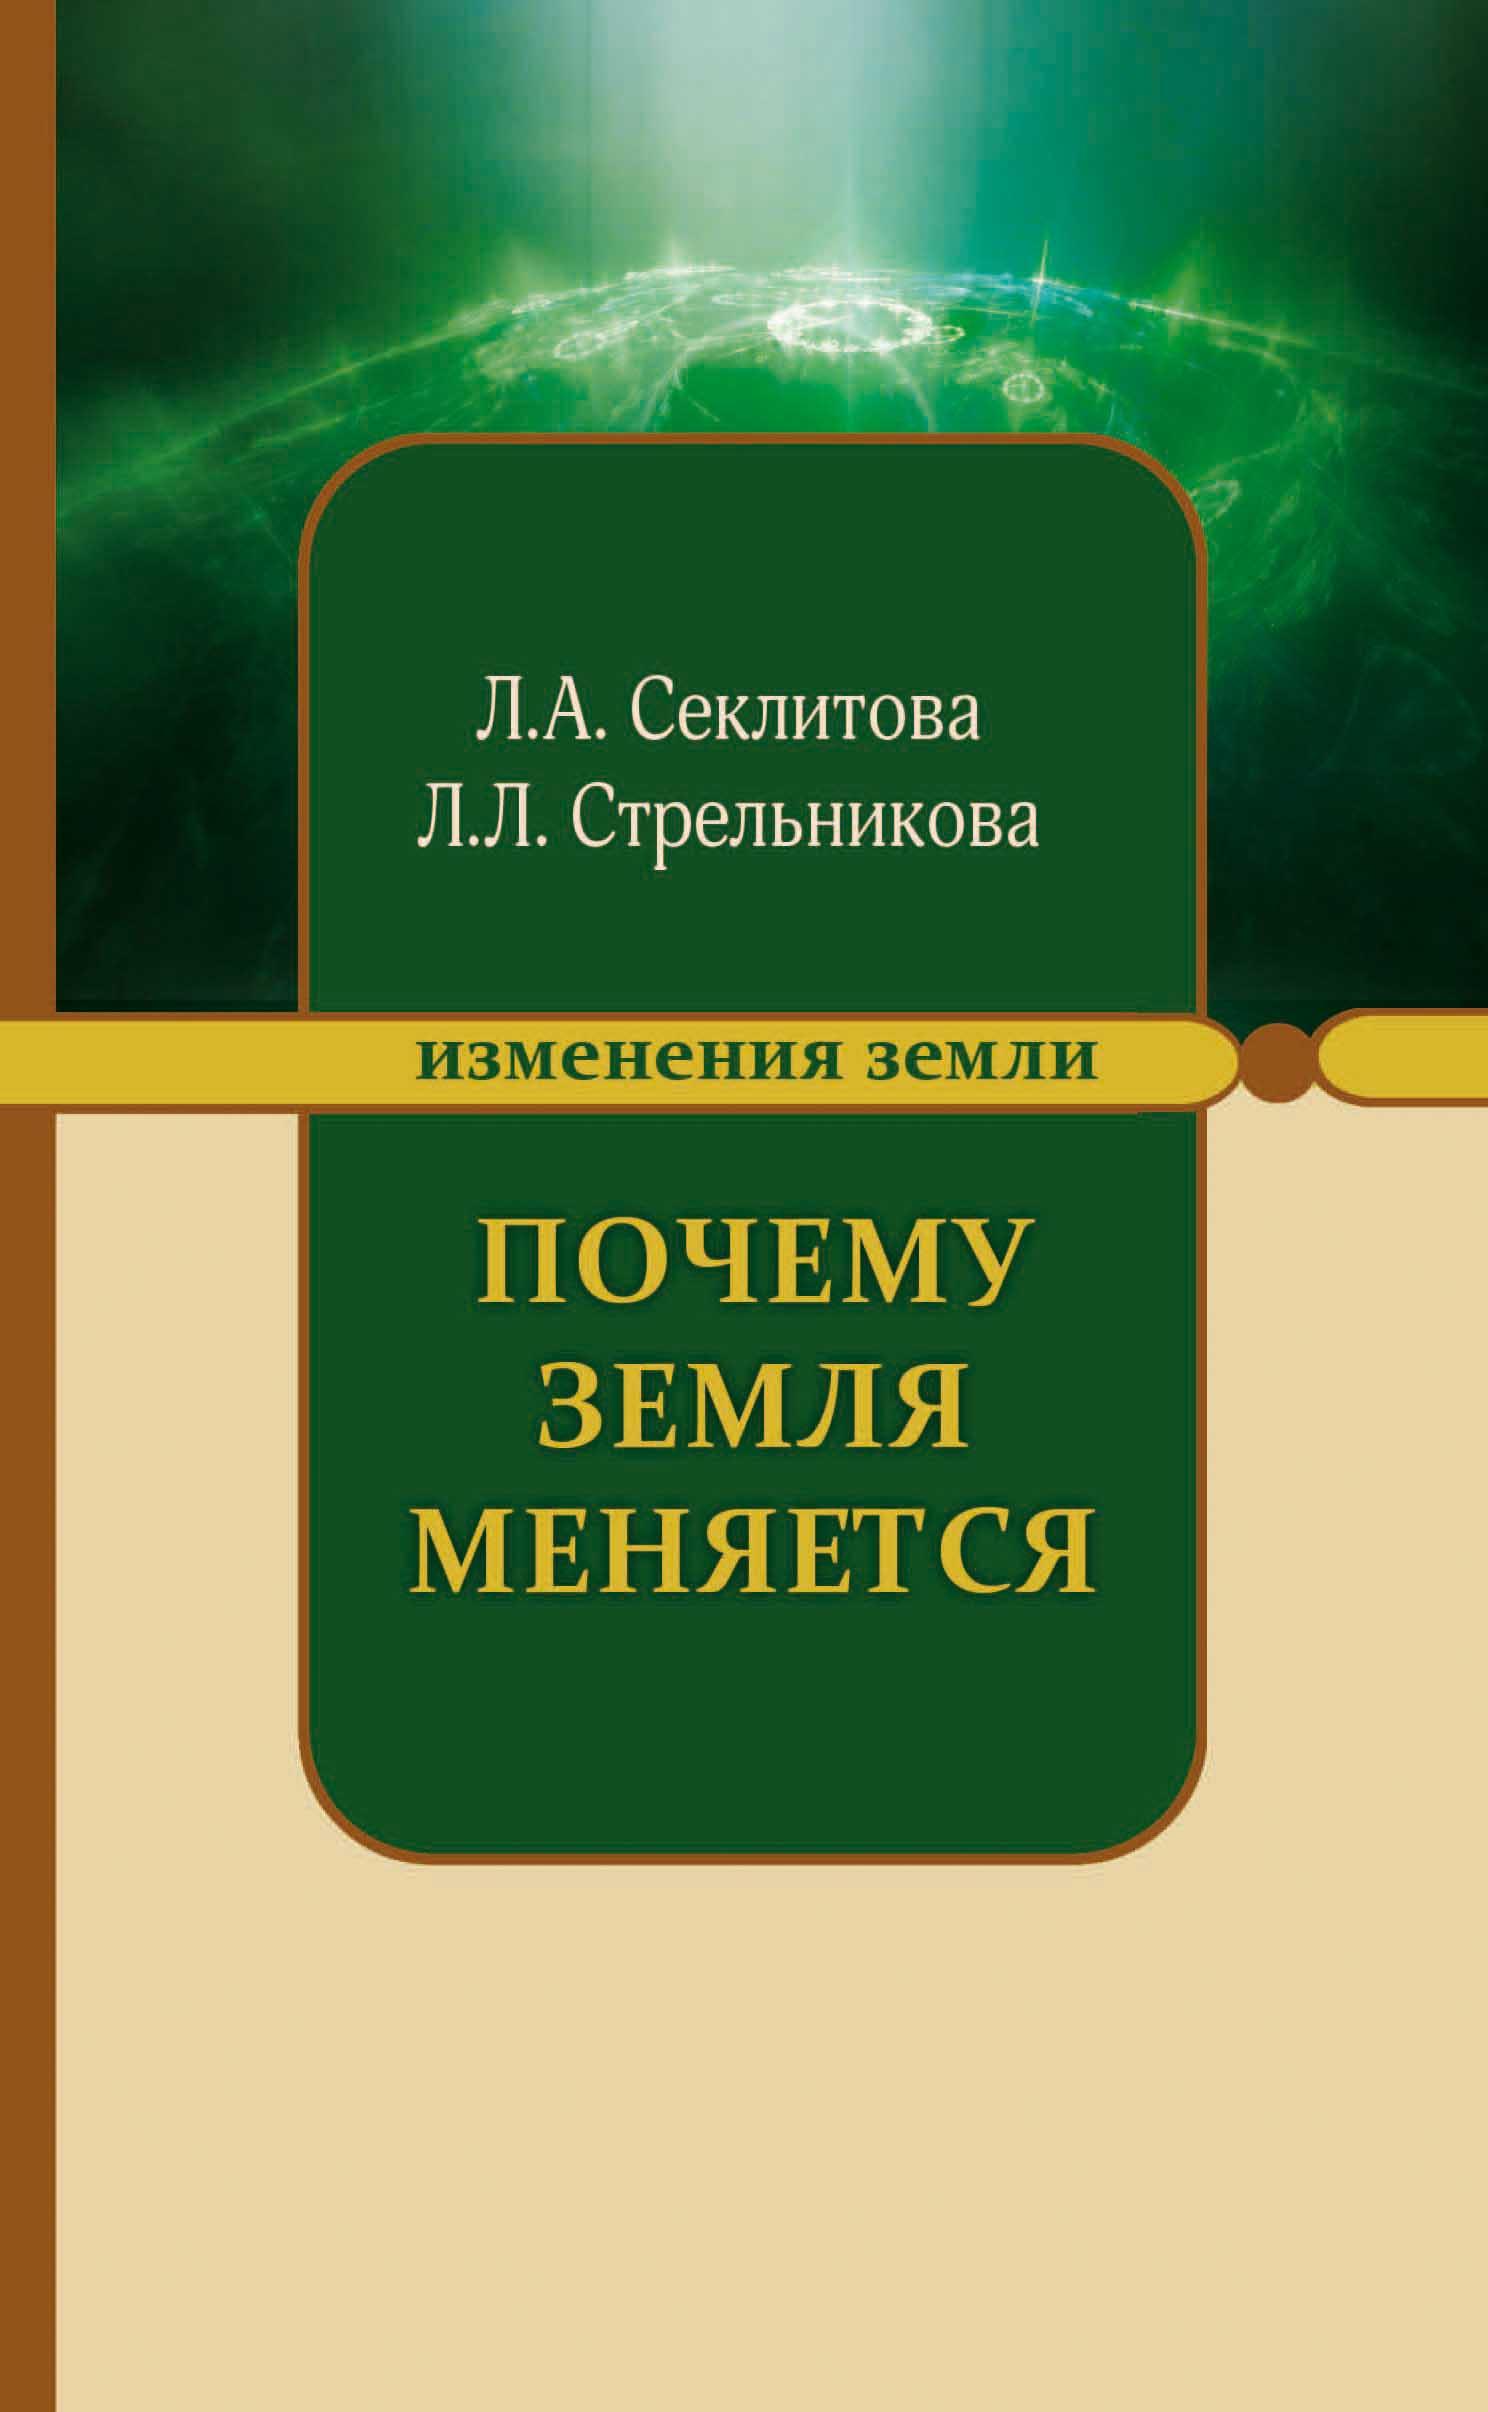 Почему Земля меняется. 5-е изд